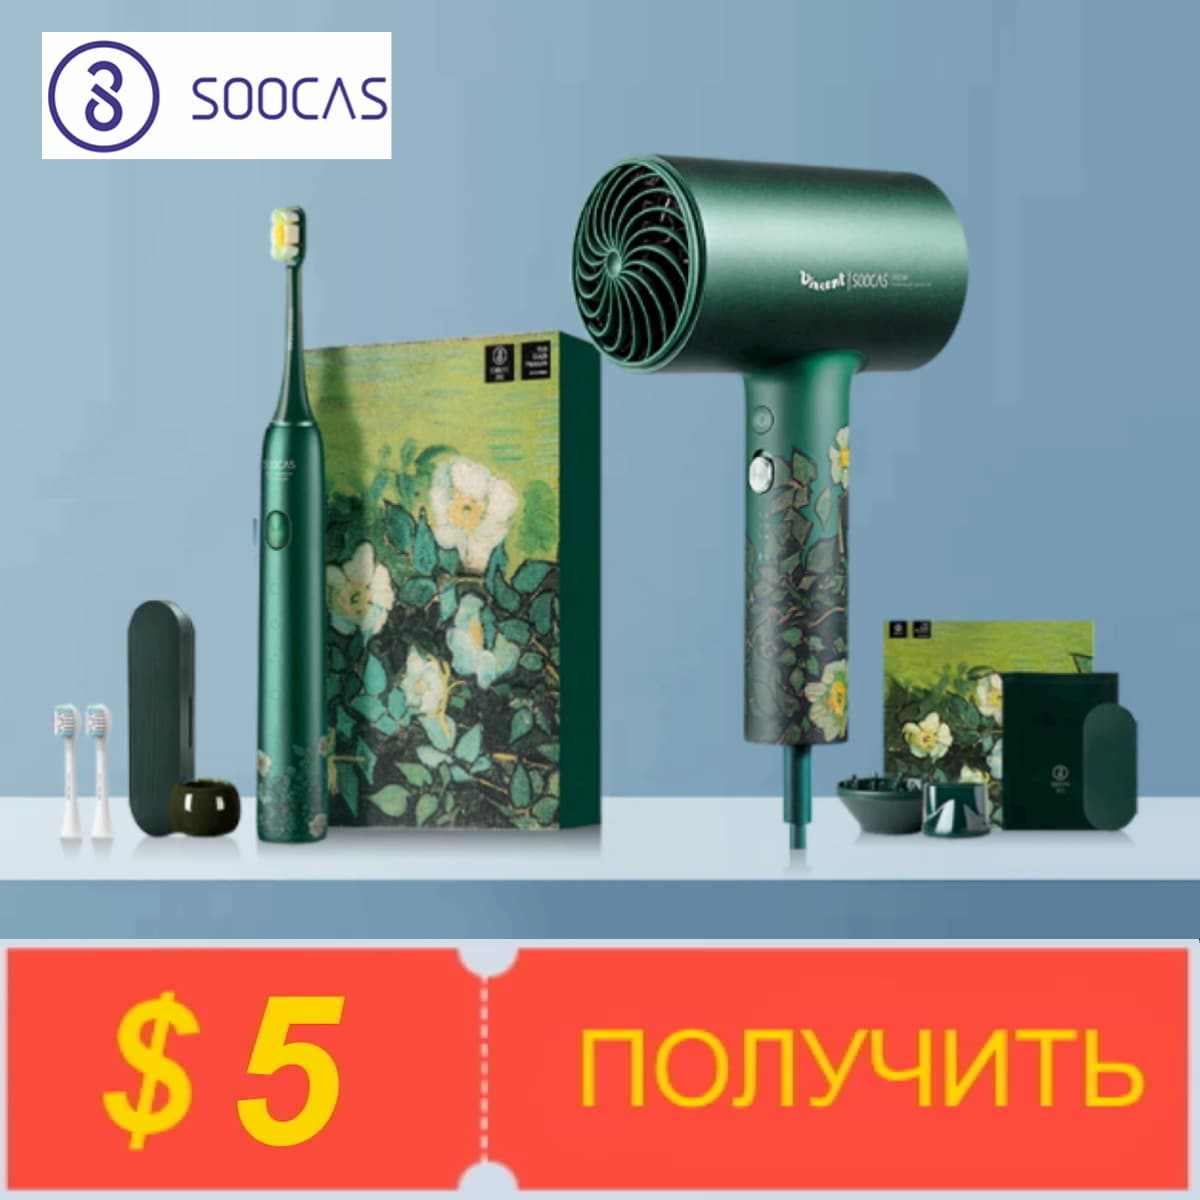 Получите купоны от SOOCAS Official Store на Алиэкспресс